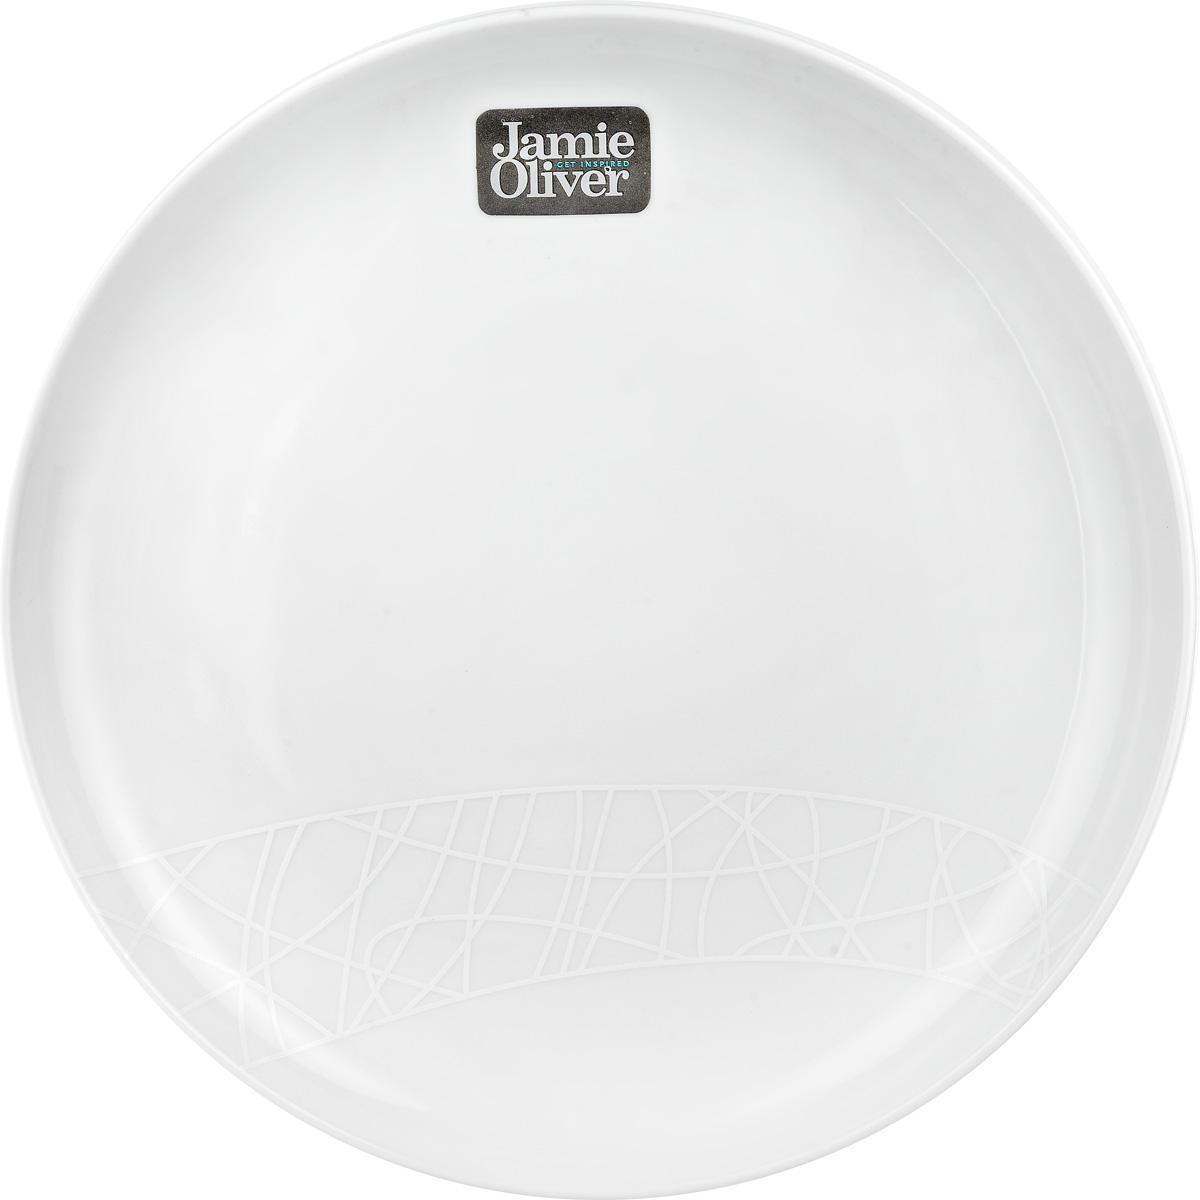 Тарелка обеденная Churchill, цвет: белый, диаметр 27 см. 670201101670201101Обеденная тарелка Churchill, изготовленная извысококачественного фаянса, имеет классическую круглуюформу и простым орнаментом с тонкими текстурными линиями. Онапрекрасно впишется в интерьер вашей кухни истанет достойным дополнением к кухонному инвентарю.Десертная тарелка Churchill подчеркнетпрекрасный вкус хозяйки и станет отличным подарком. Диаметр тарелки (по верхнему краю): 27 см.